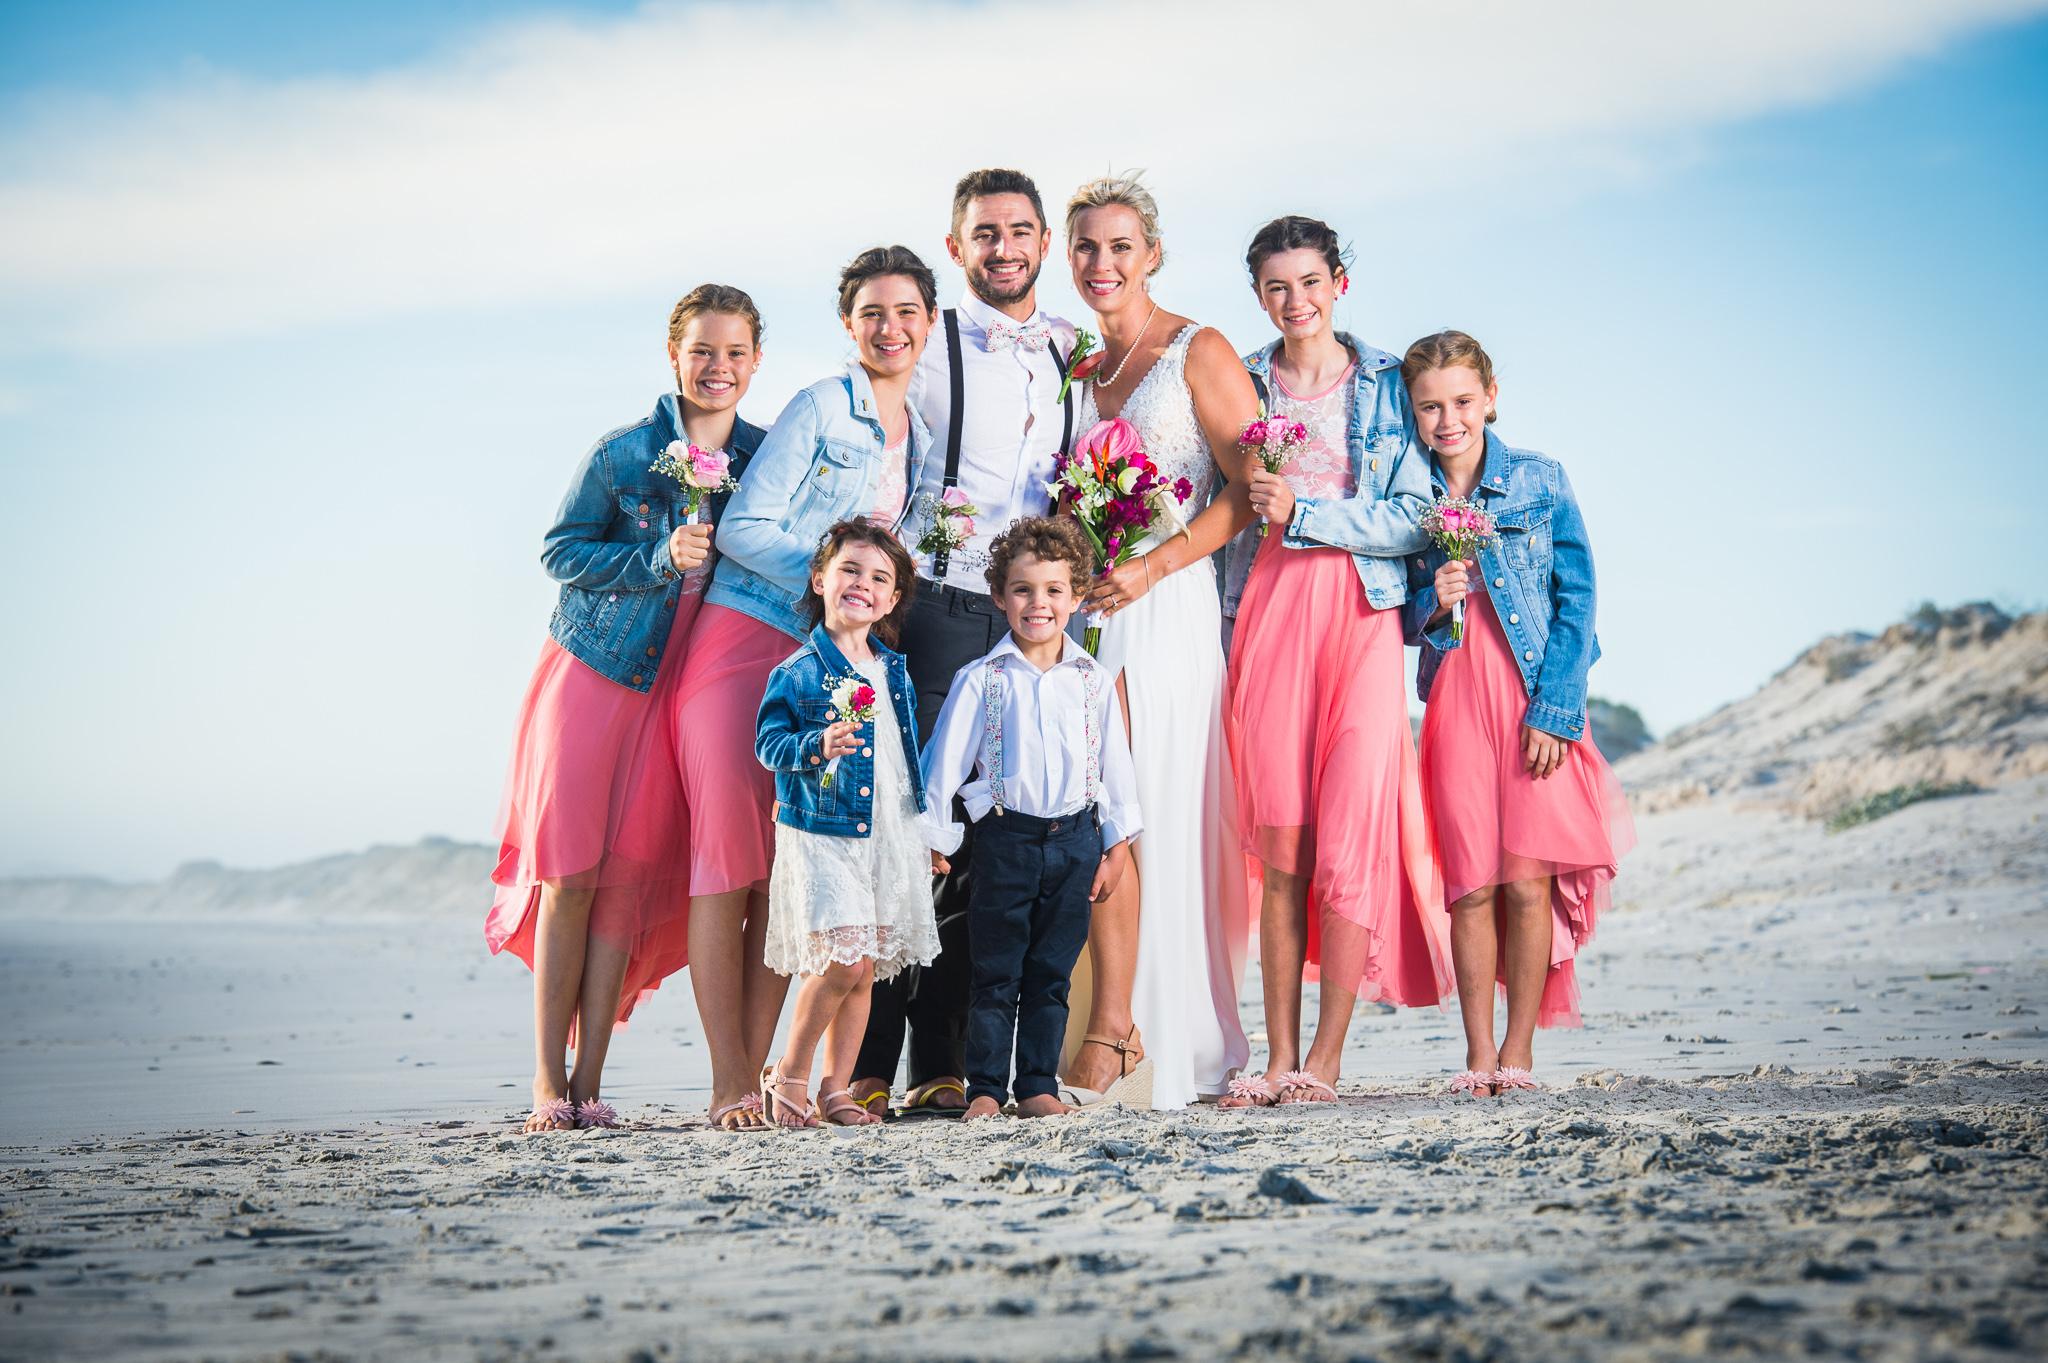 Josh and Debbie Yzerfontein Wedding - Sneak Peak (22 of 36).jpg